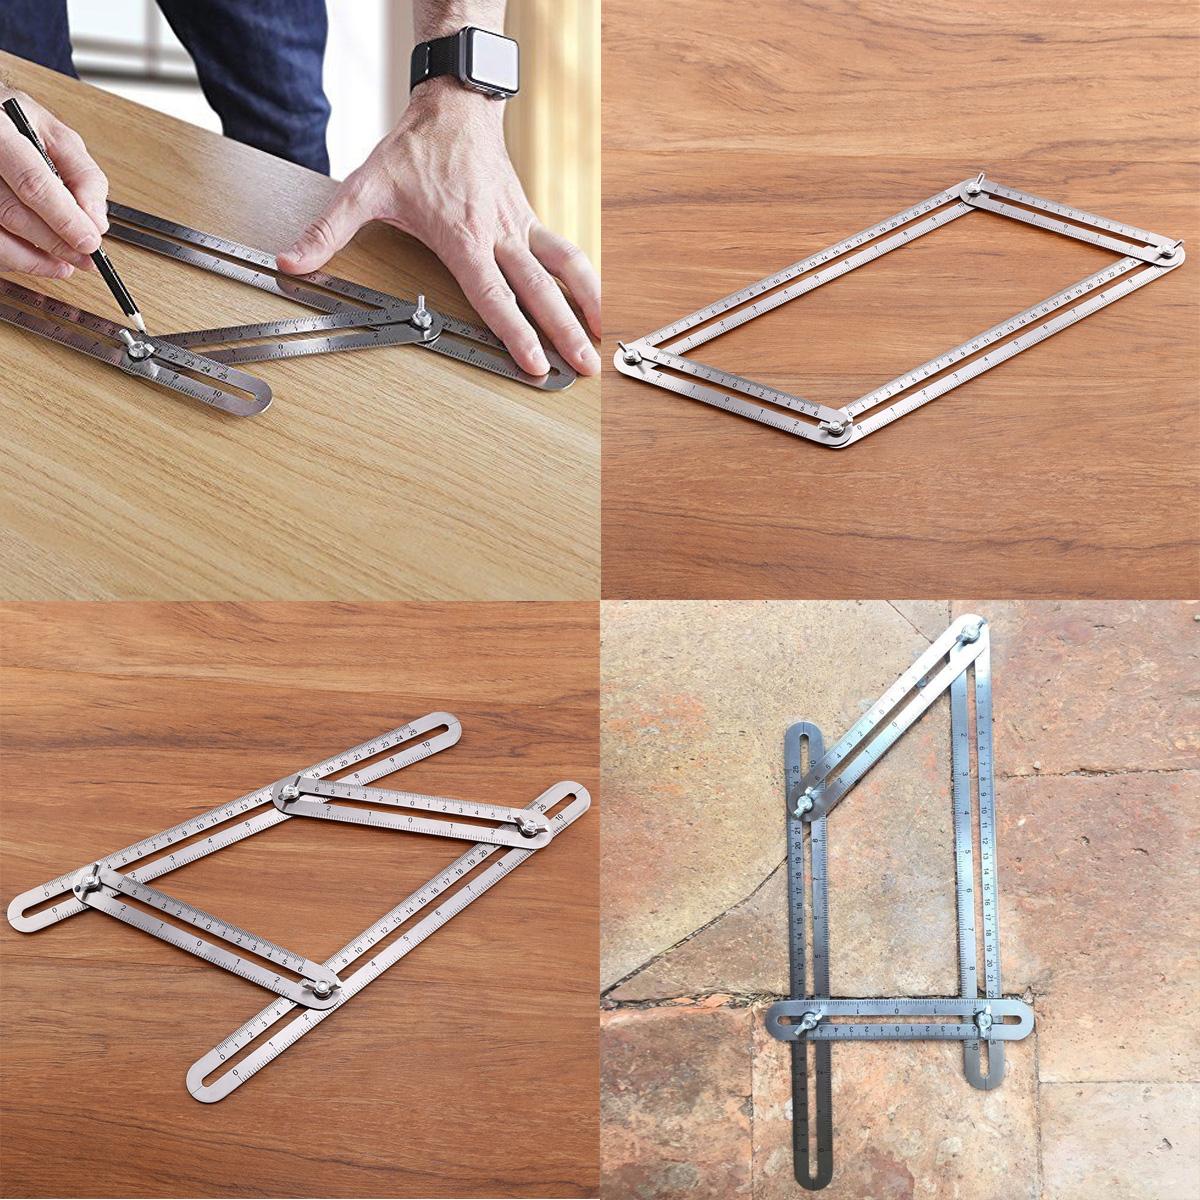 angleizer vorlage winkel lineal zollstock winkelschablone silber schreiner ebay. Black Bedroom Furniture Sets. Home Design Ideas